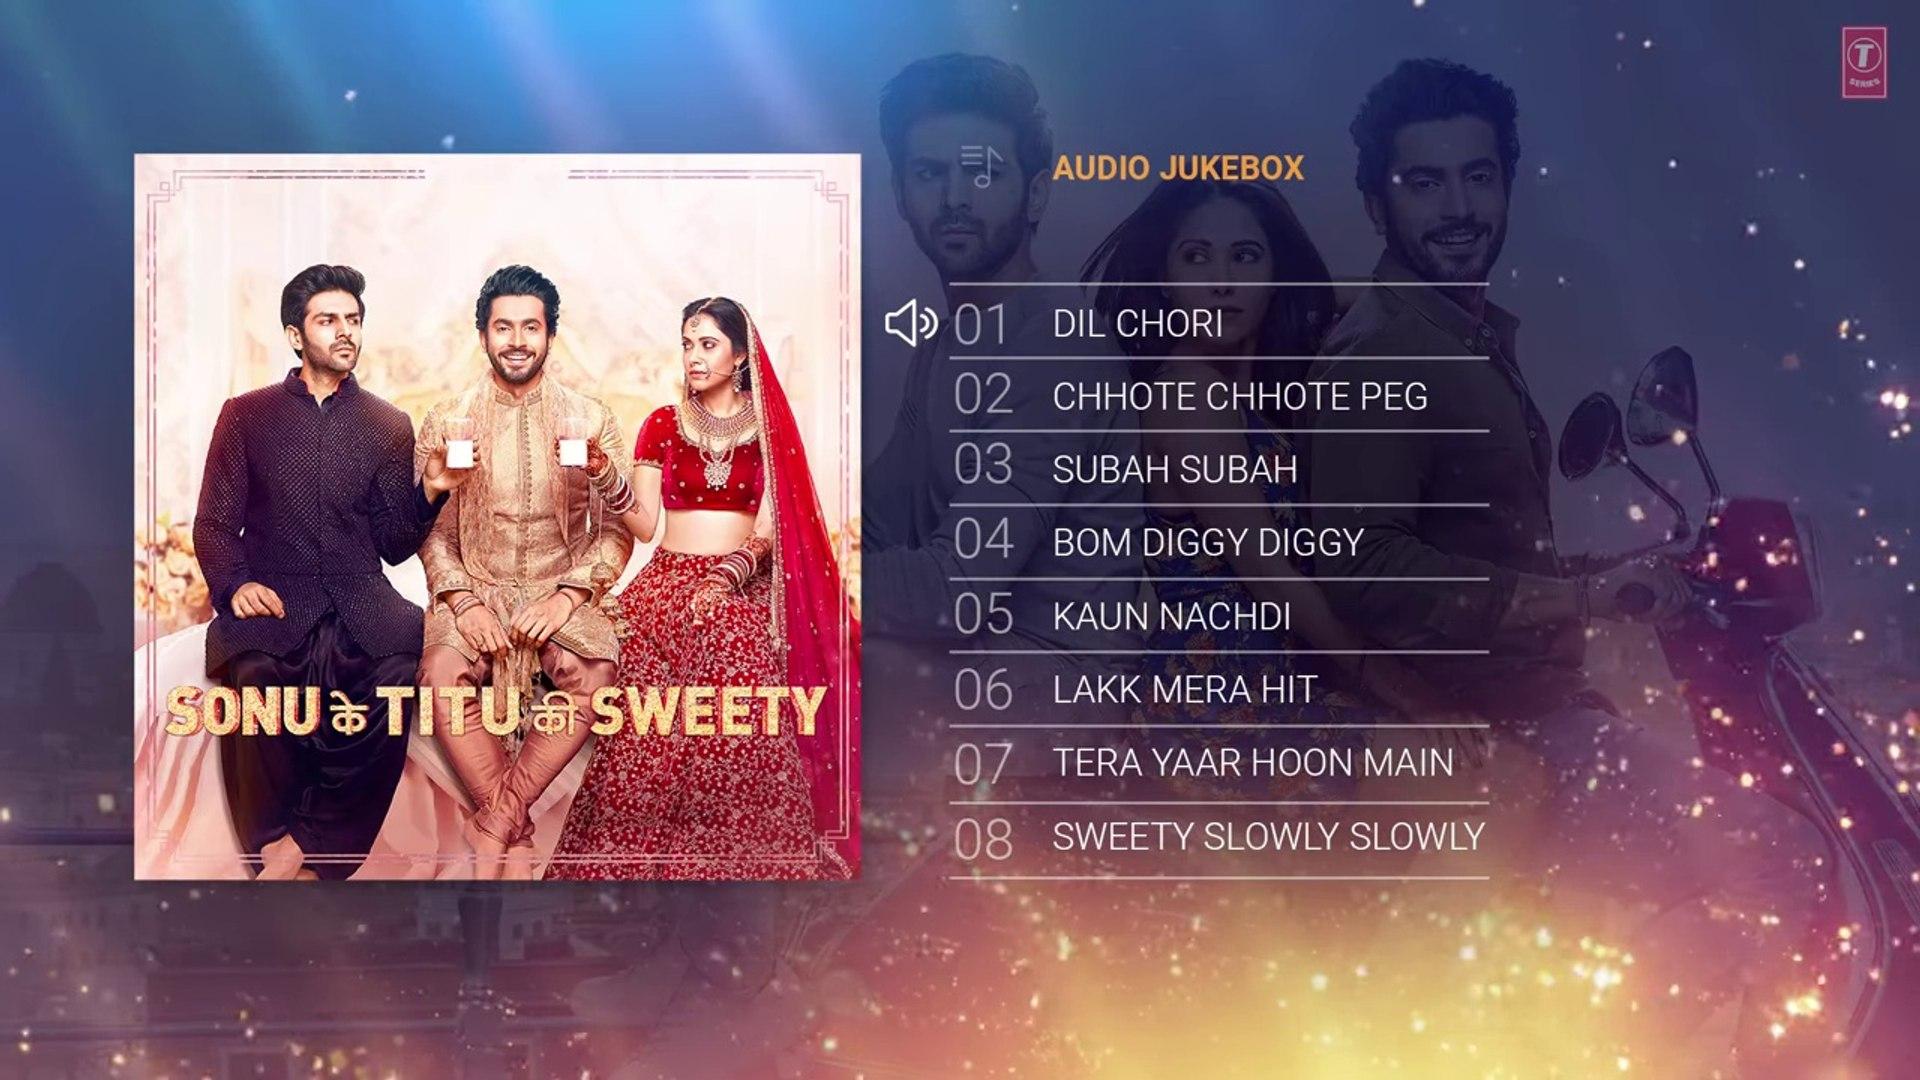 New Songs - Full Album- HD(Full Songs) - Sonu Ke Titu Ki Sweety - Audio Jukebox - Kartik Aaryan, Nus